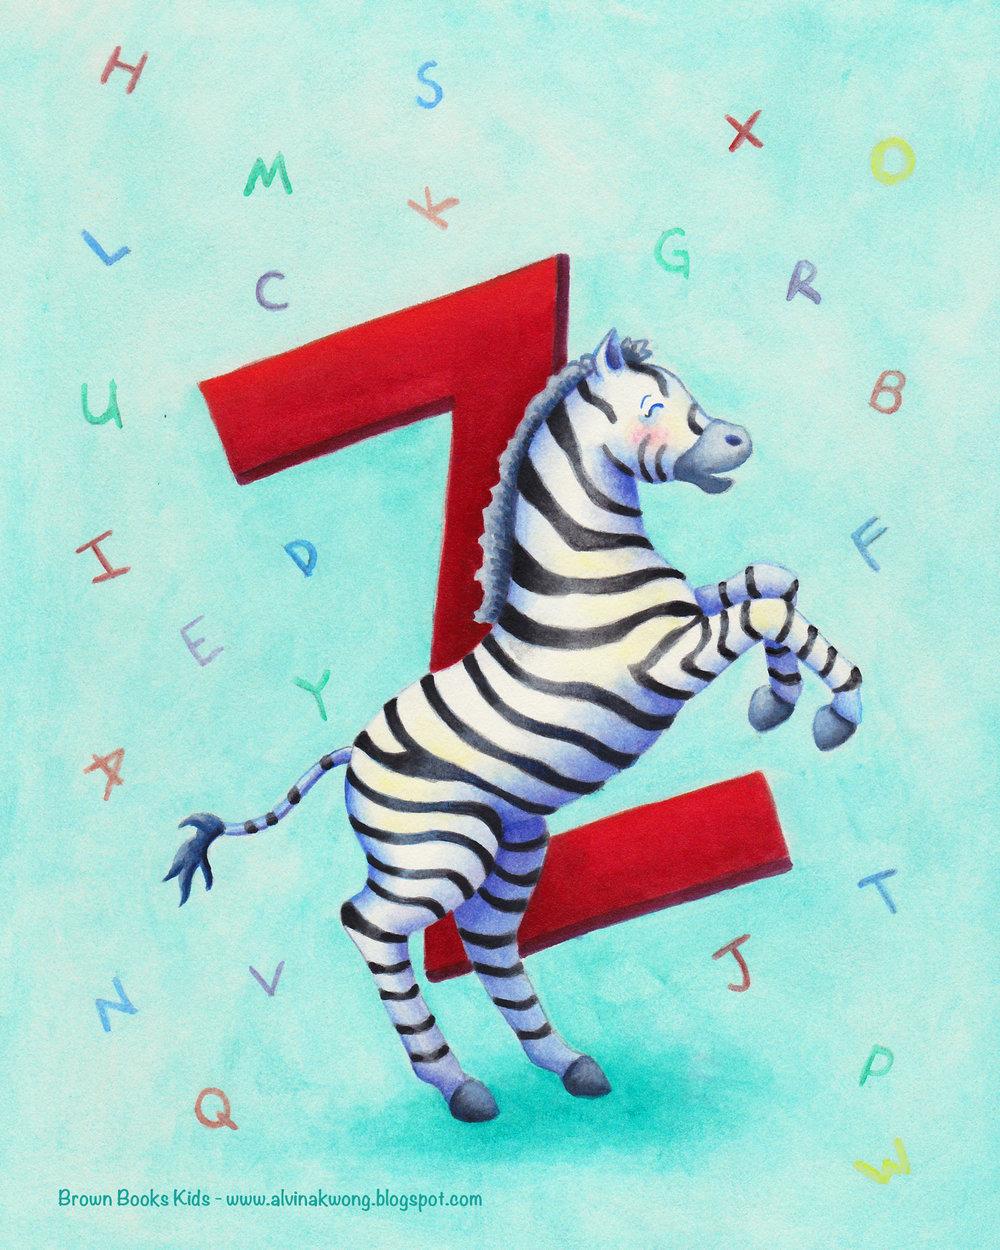 zebra-3-WEB.jpg